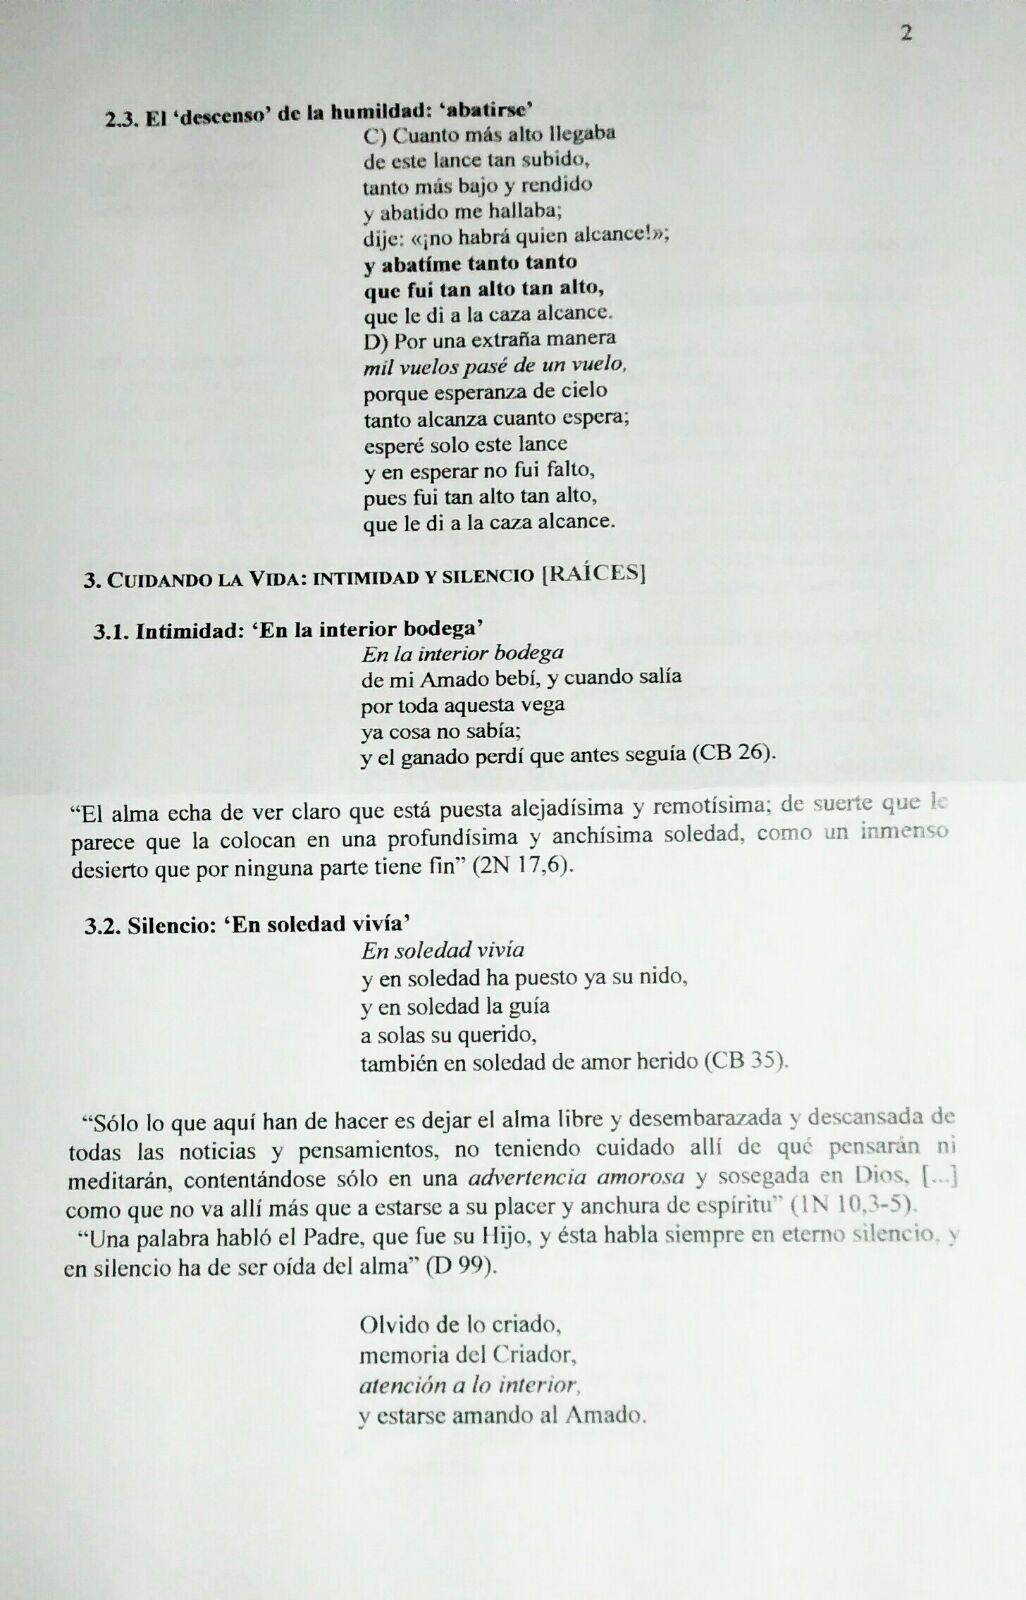 juan-de-la-cruz-y-la-interioridad-humana-por-juan-antonio-marcos-ocd-2